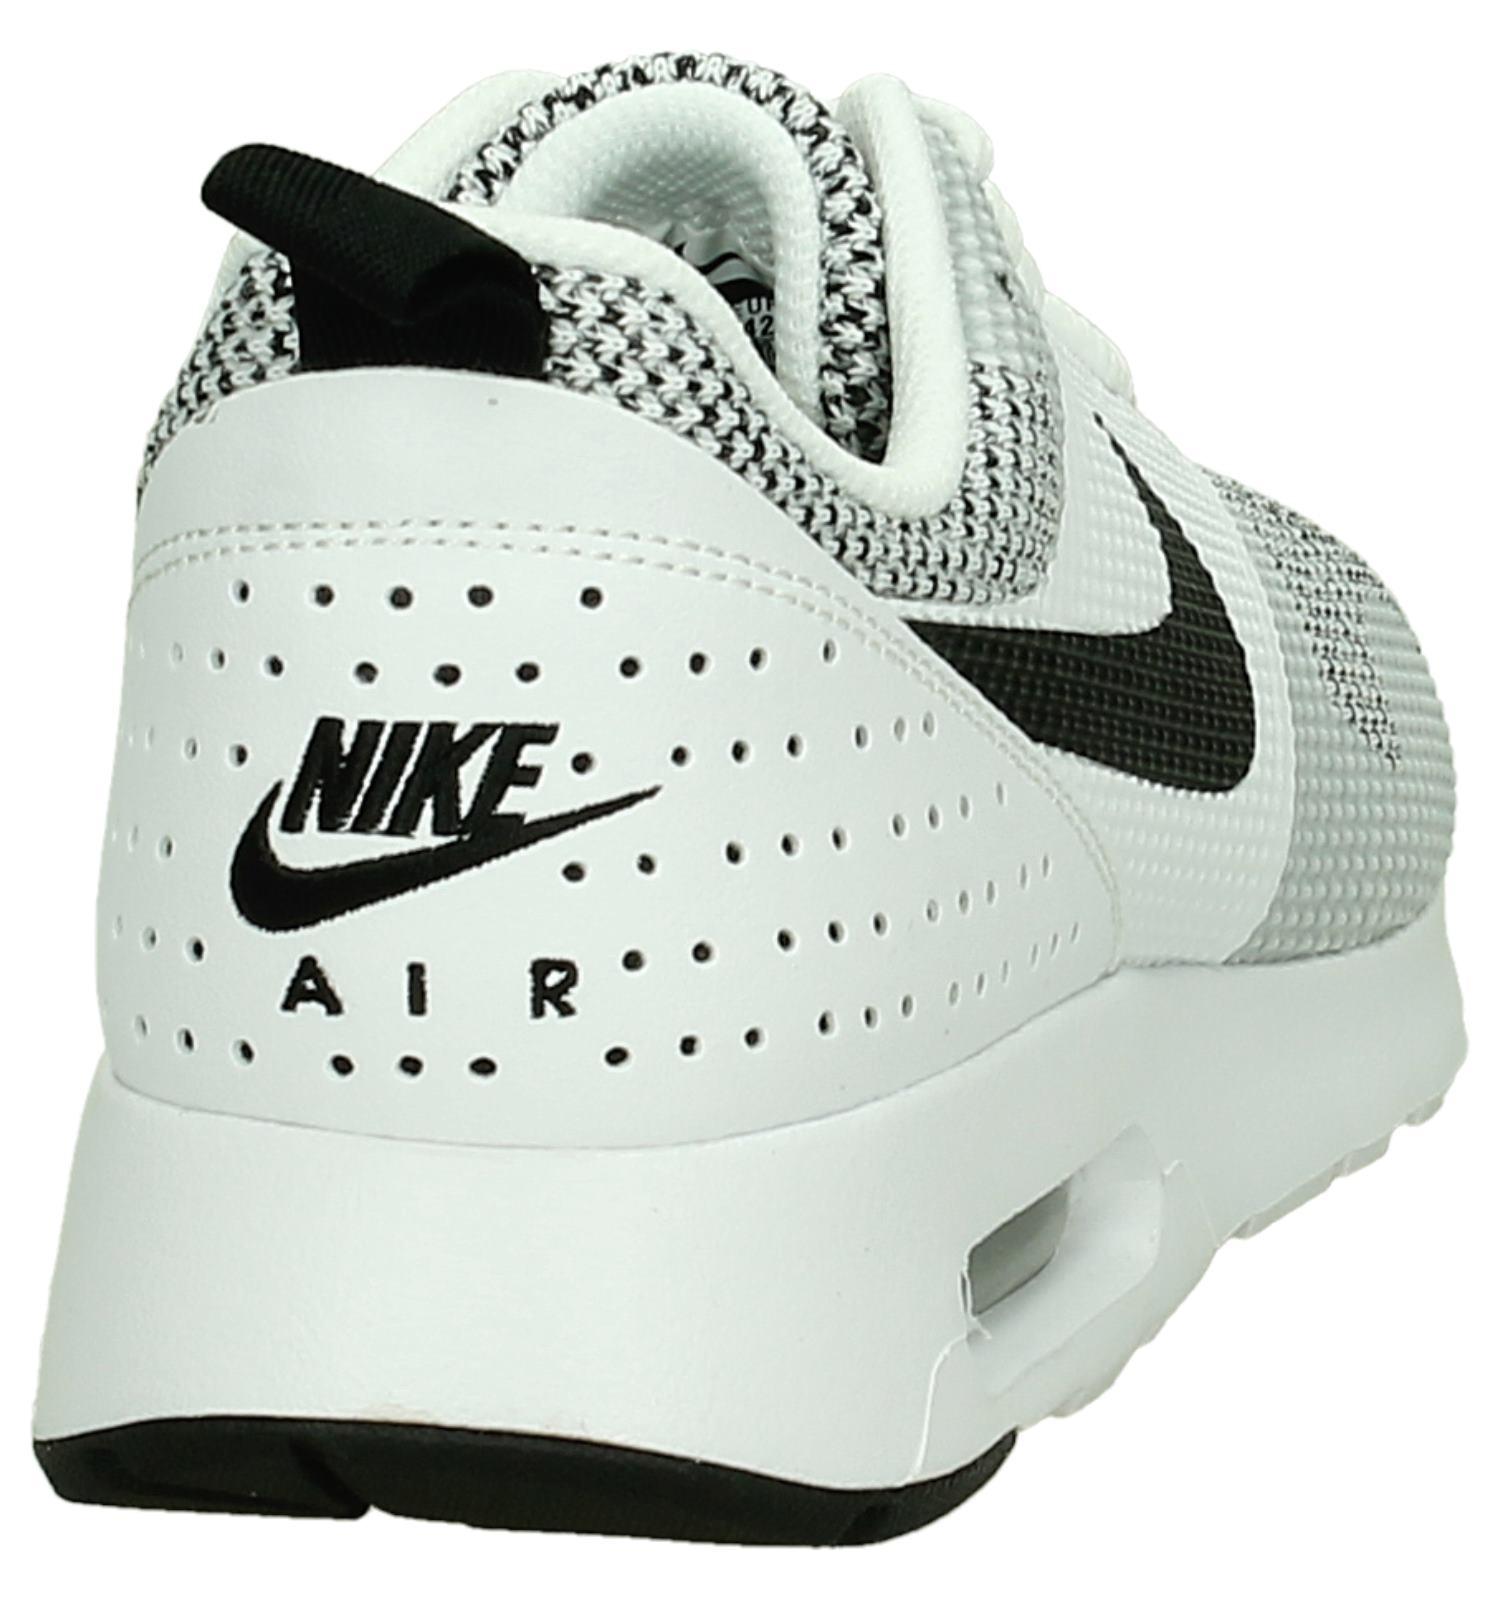 54f2a3611d9 Sneaker Runner Nike Air Max Tavas Wit/Zwart | TORFS.BE | Gratis verzend en  retour